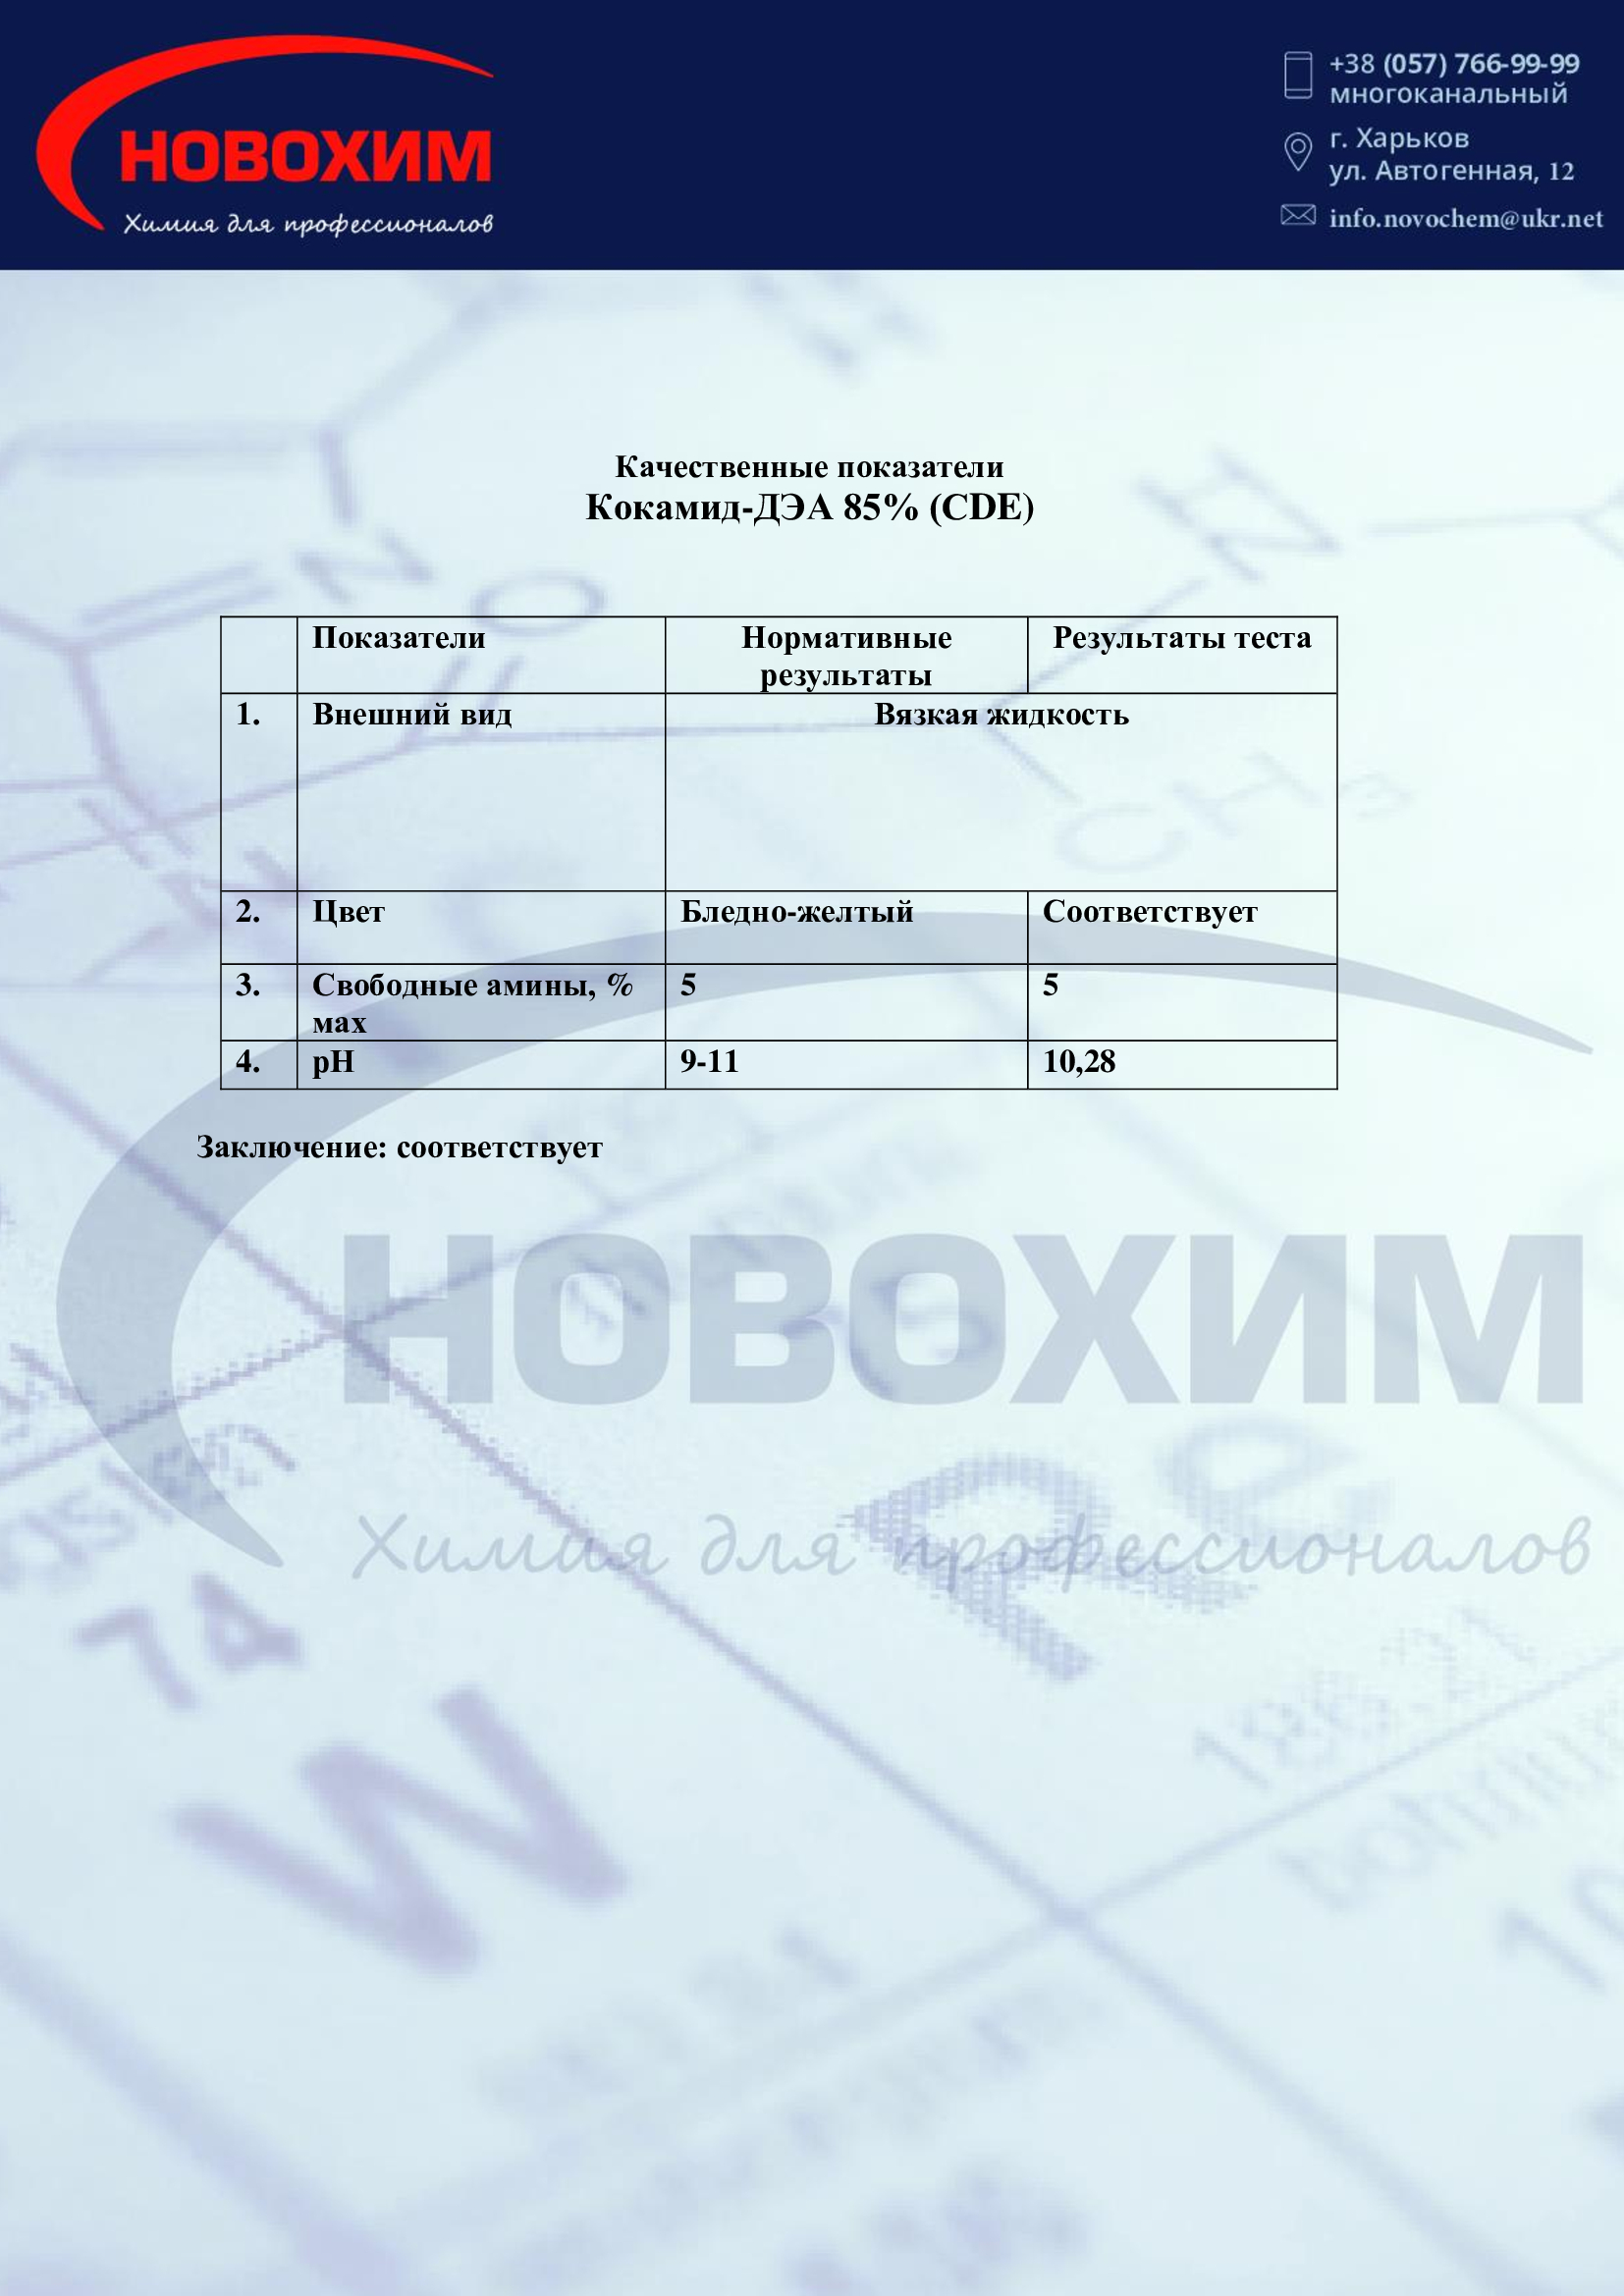 Фото сертификата кокамид ДЄА